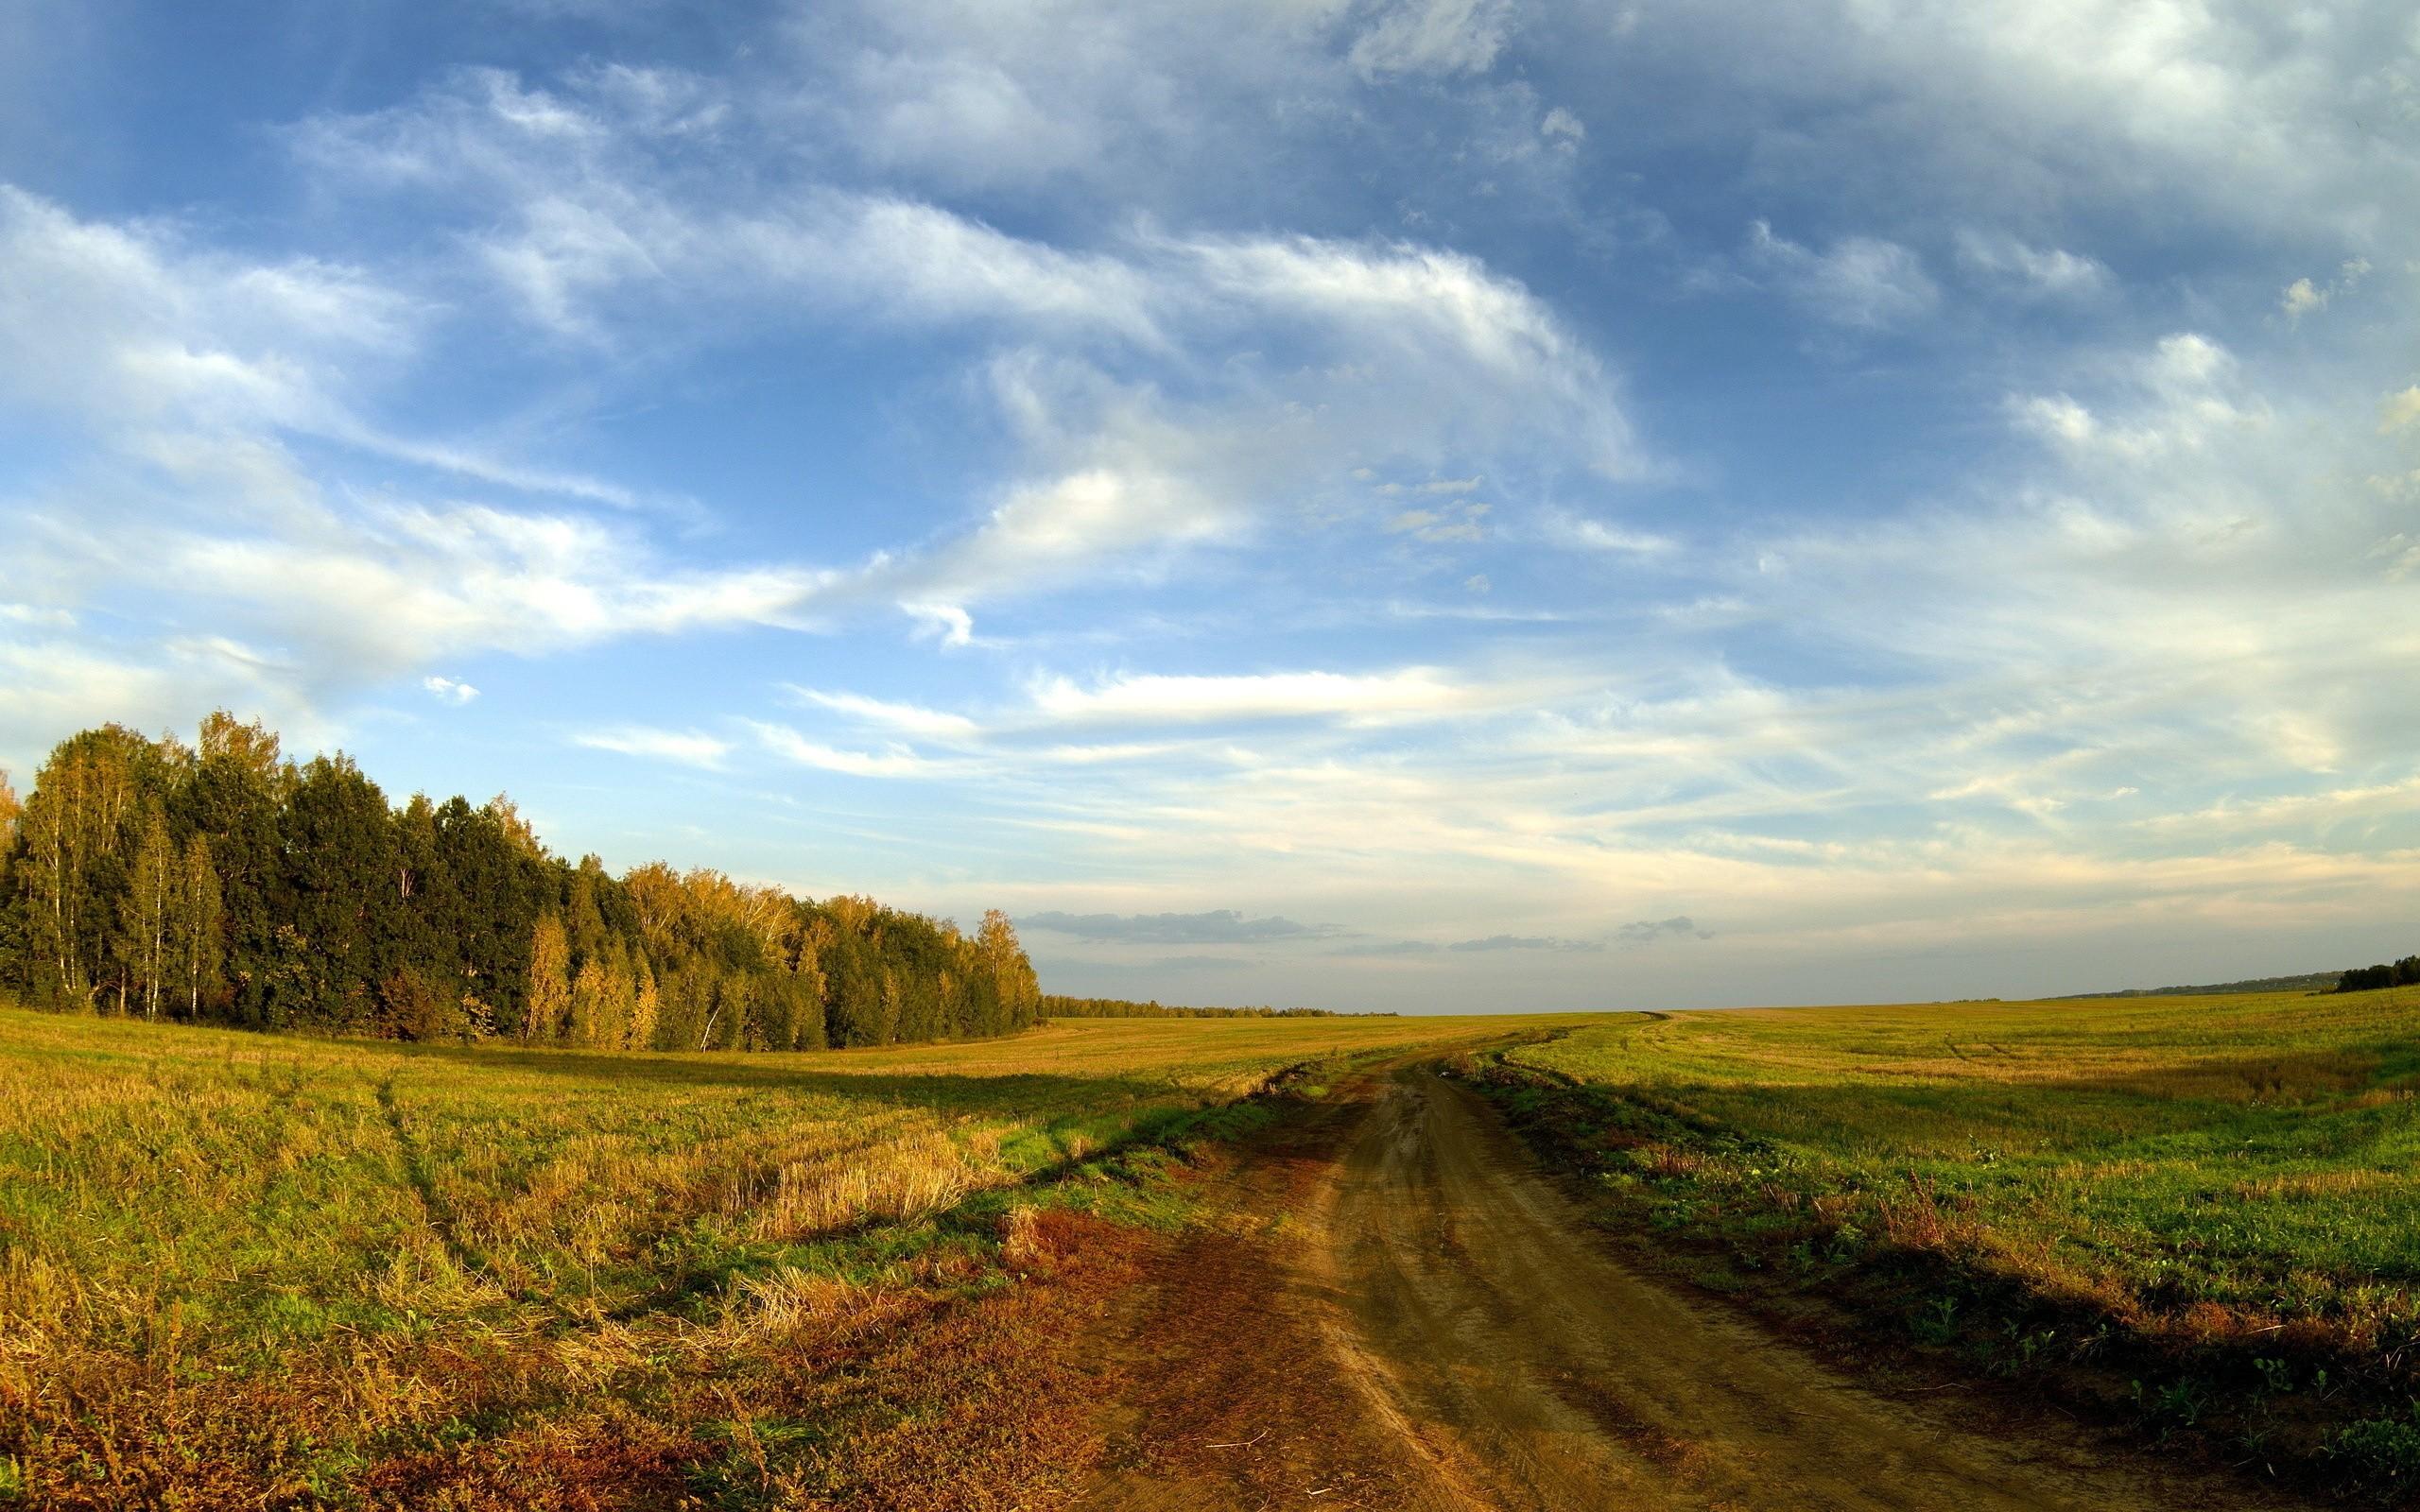 желто-зеленая дорога в степи  № 252781 бесплатно